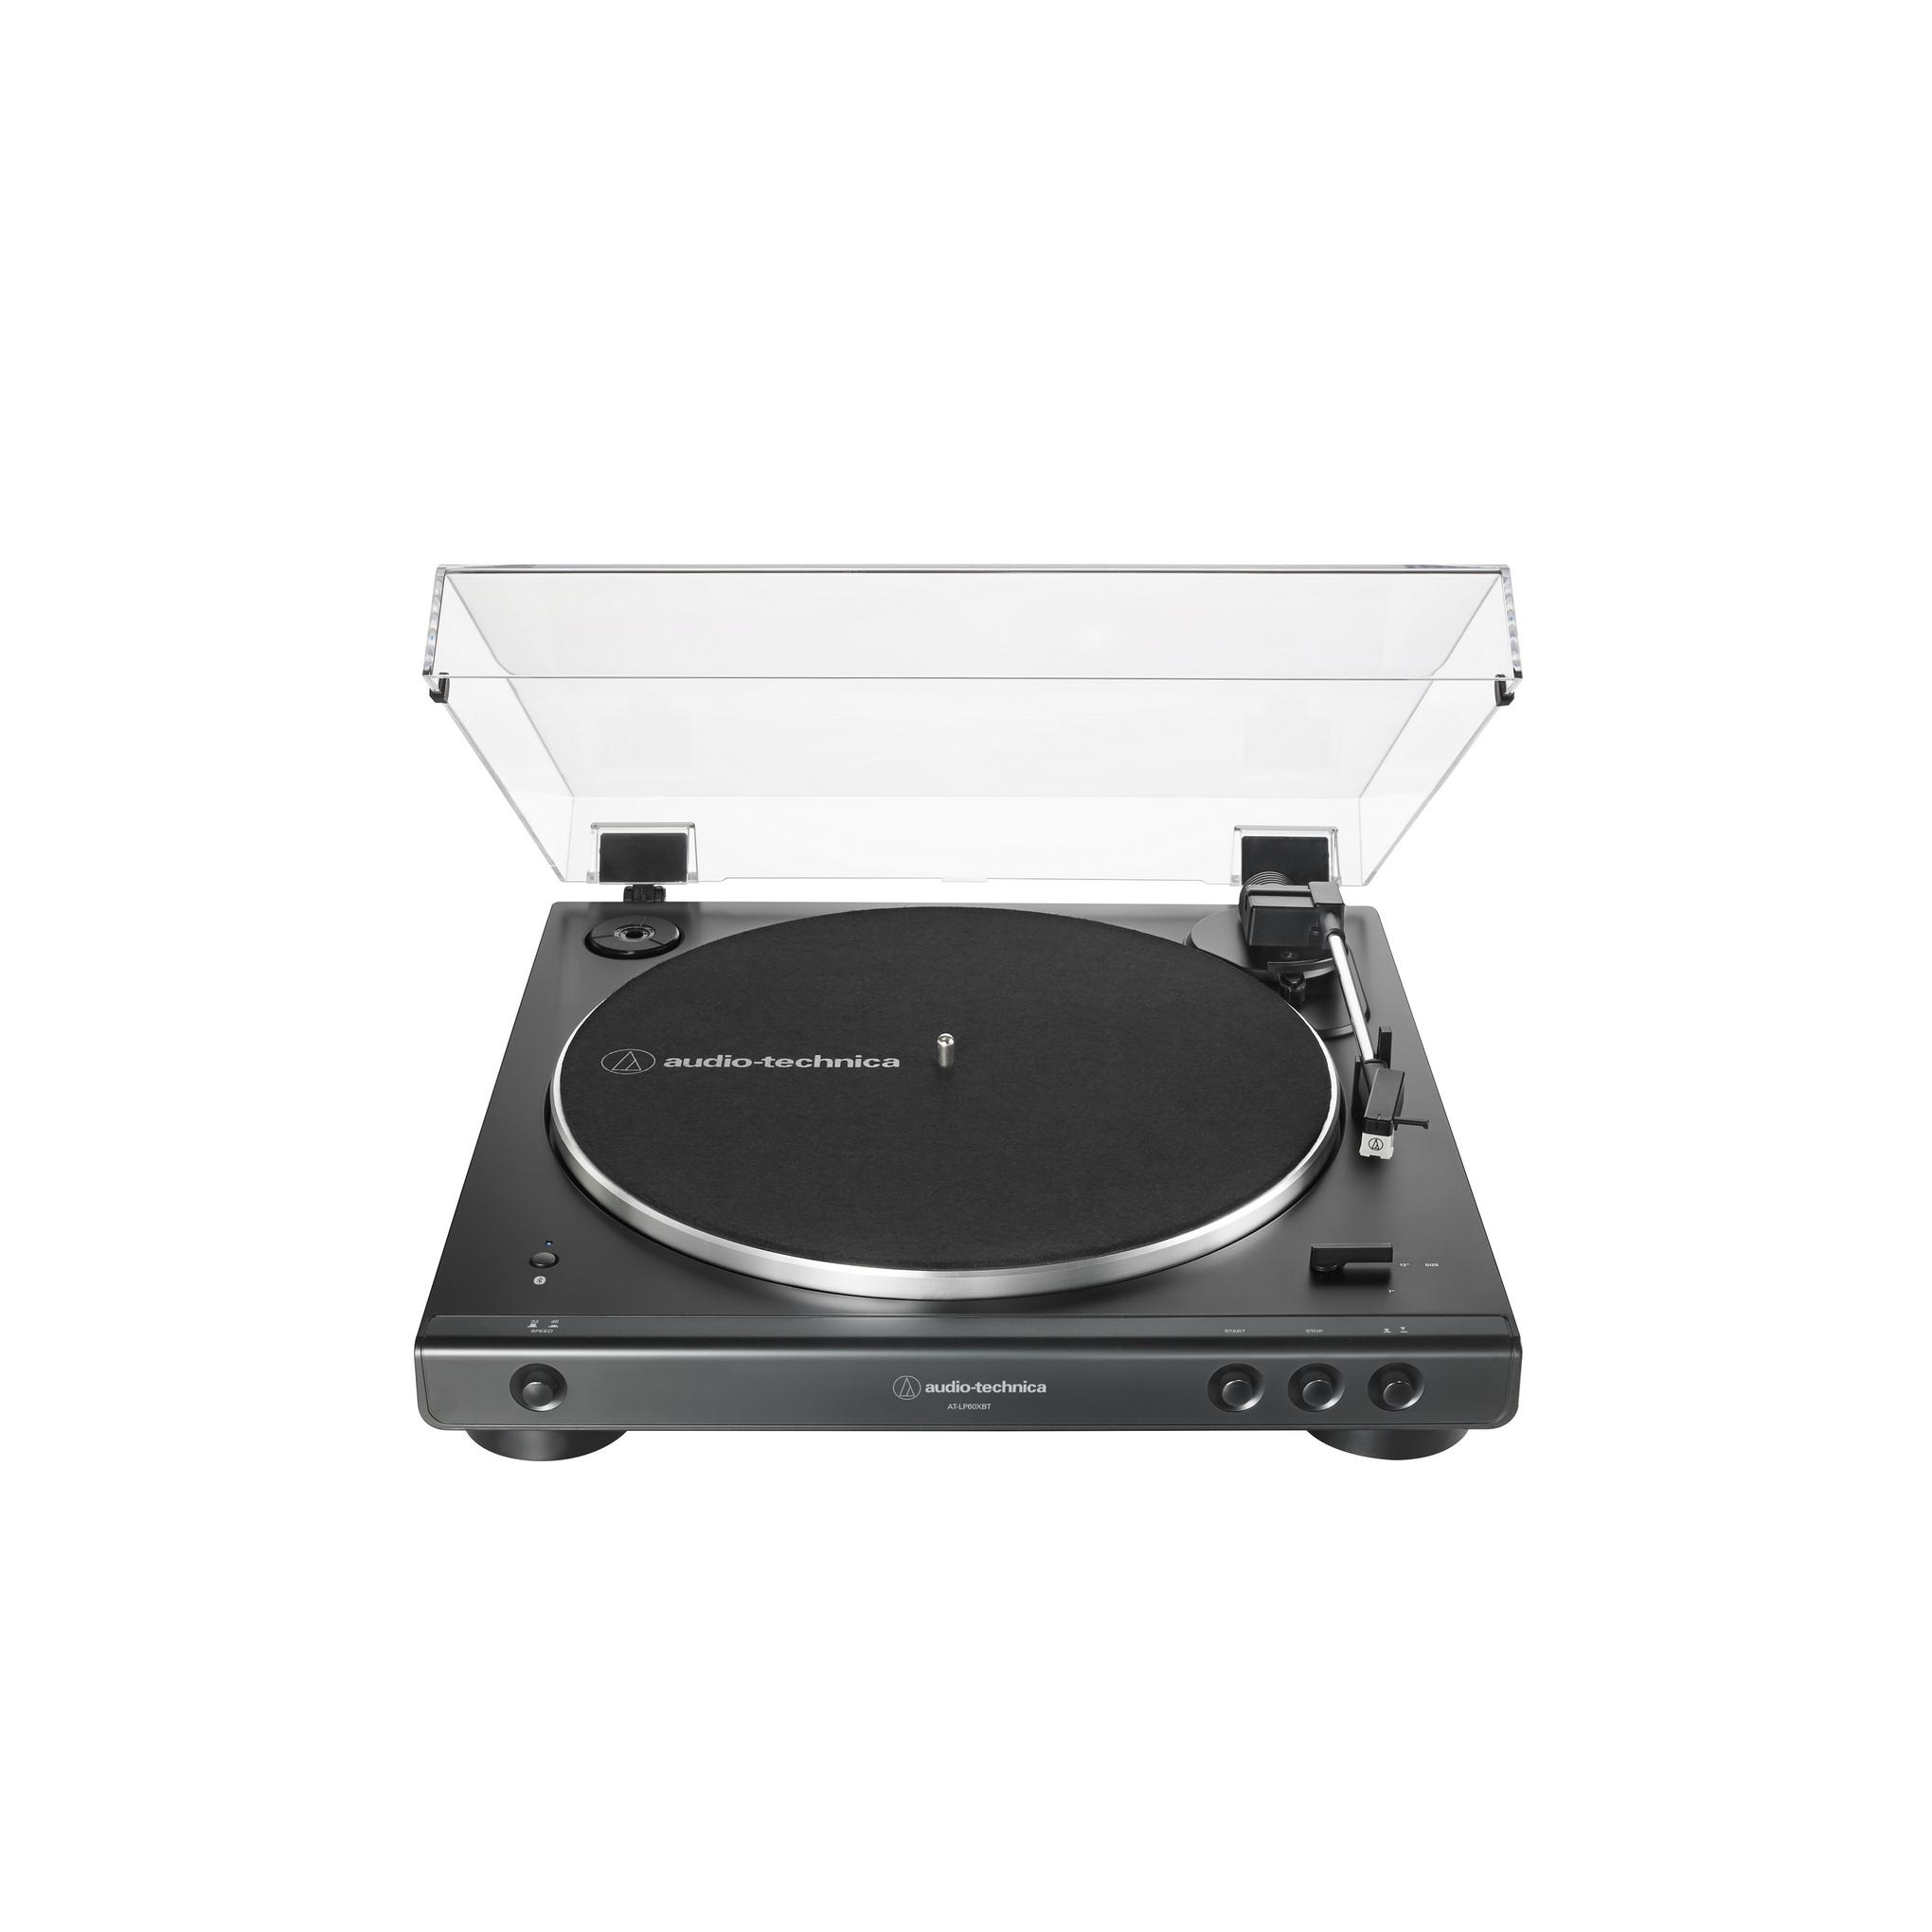 Купить виниловый проигрыватель audio-technica at-lp60xbt black по цене от 19990 руб., характеристики, фото, доставка